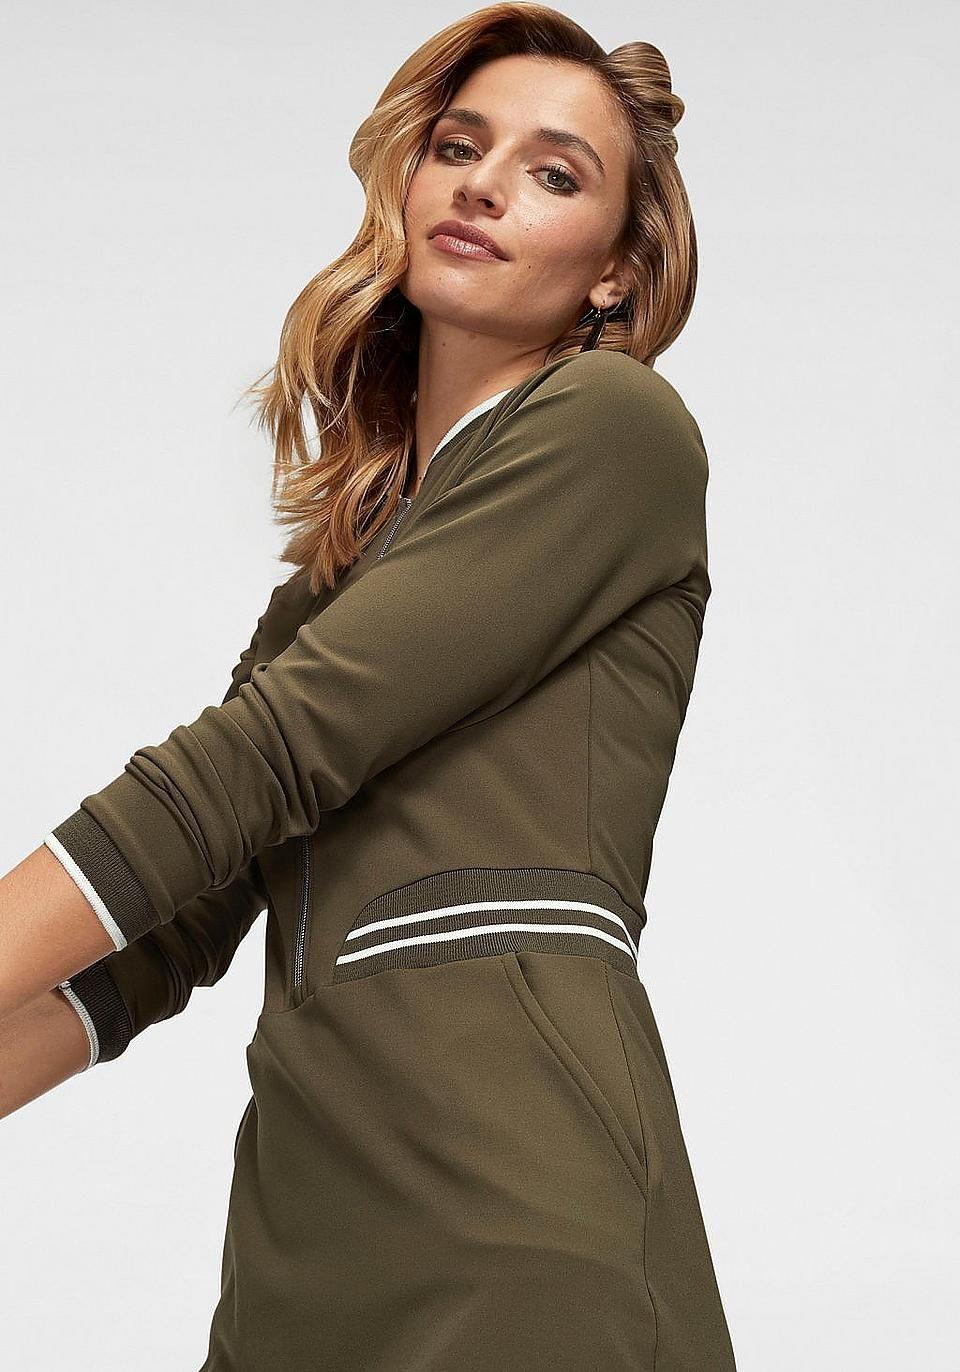 Anistonbaur Jerseykleid Online Bei  Jerseykleider